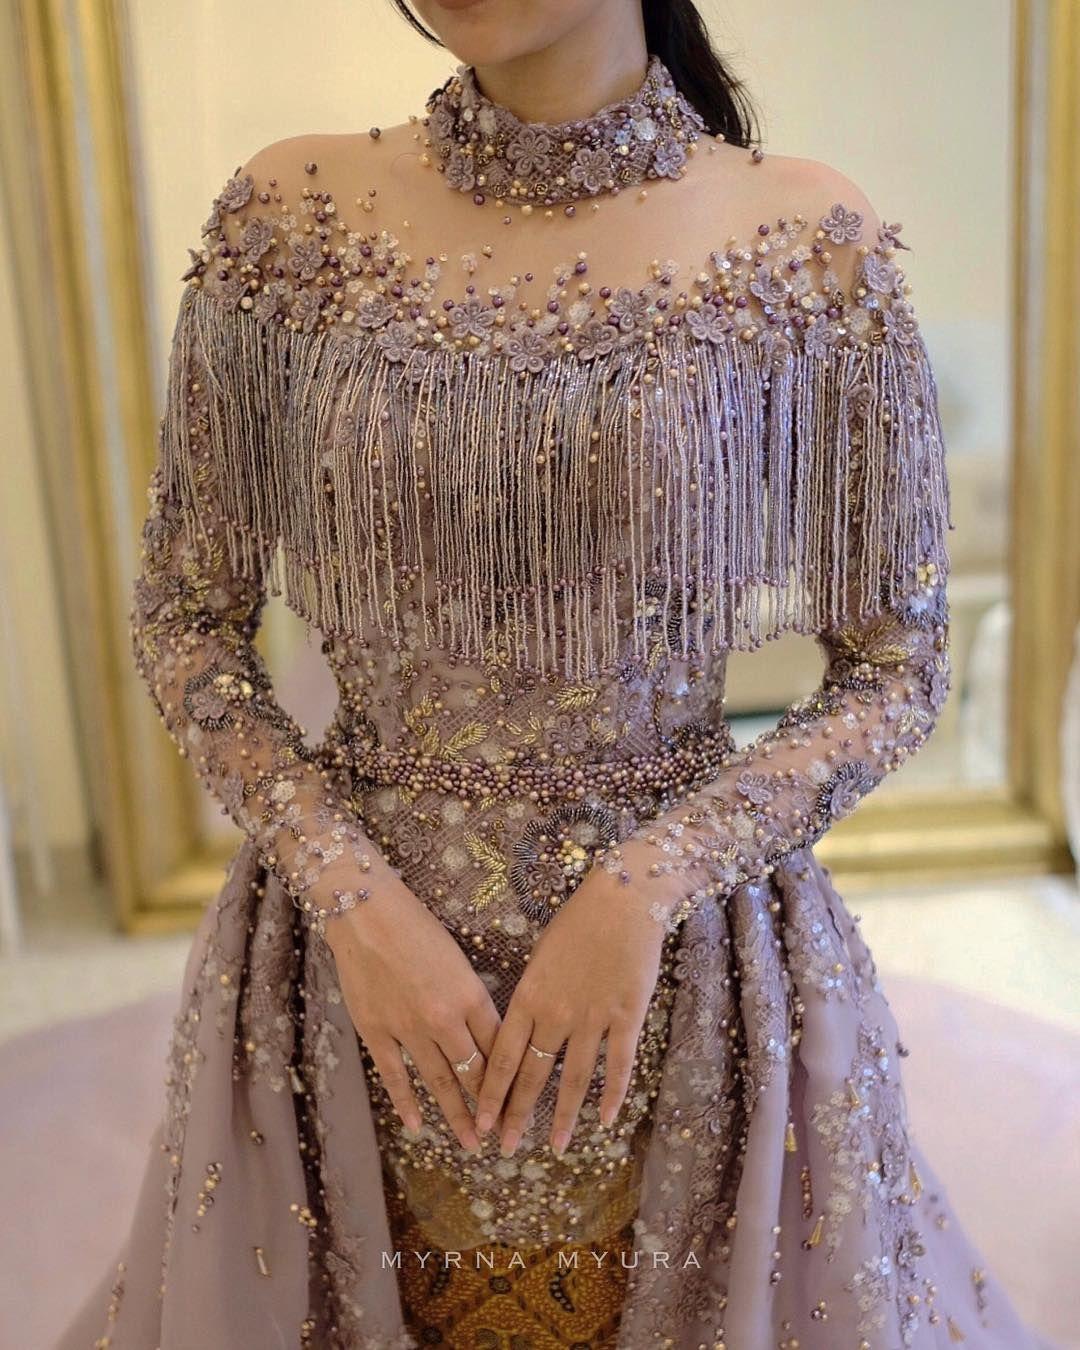 Gambar mungkin berisi satu orang atau lebih dan orang berdiri is part of Fashion dresses -